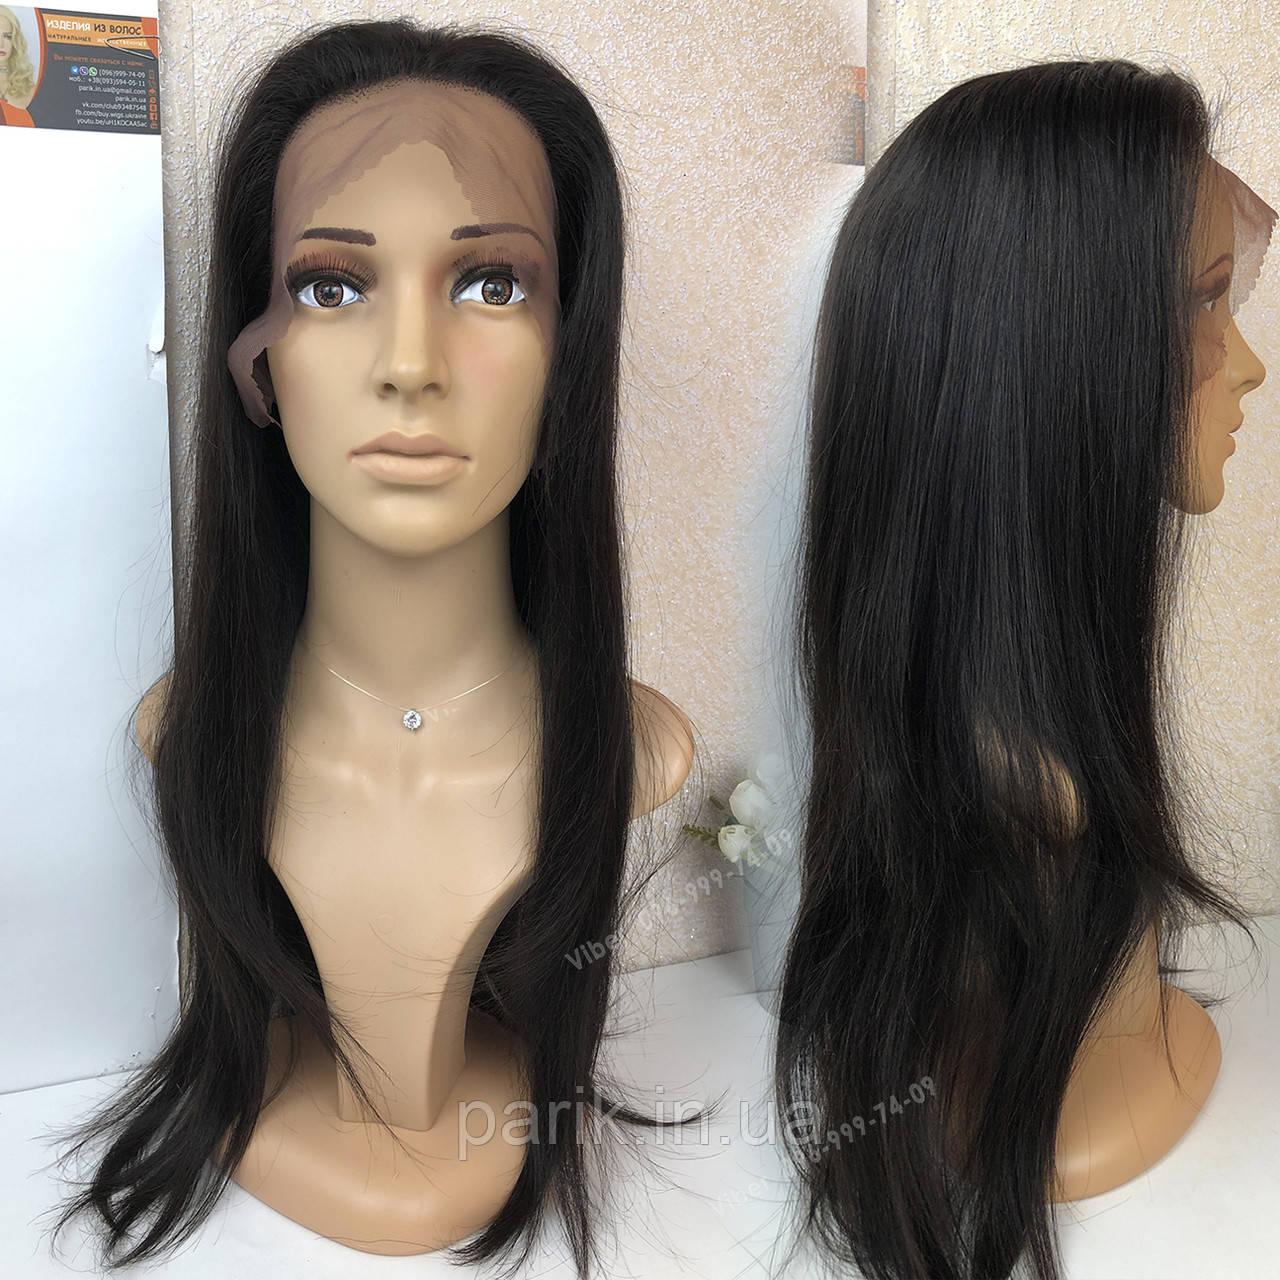 💎Женский длинный натуральный чёрный парик и с имтаций кожи 💎